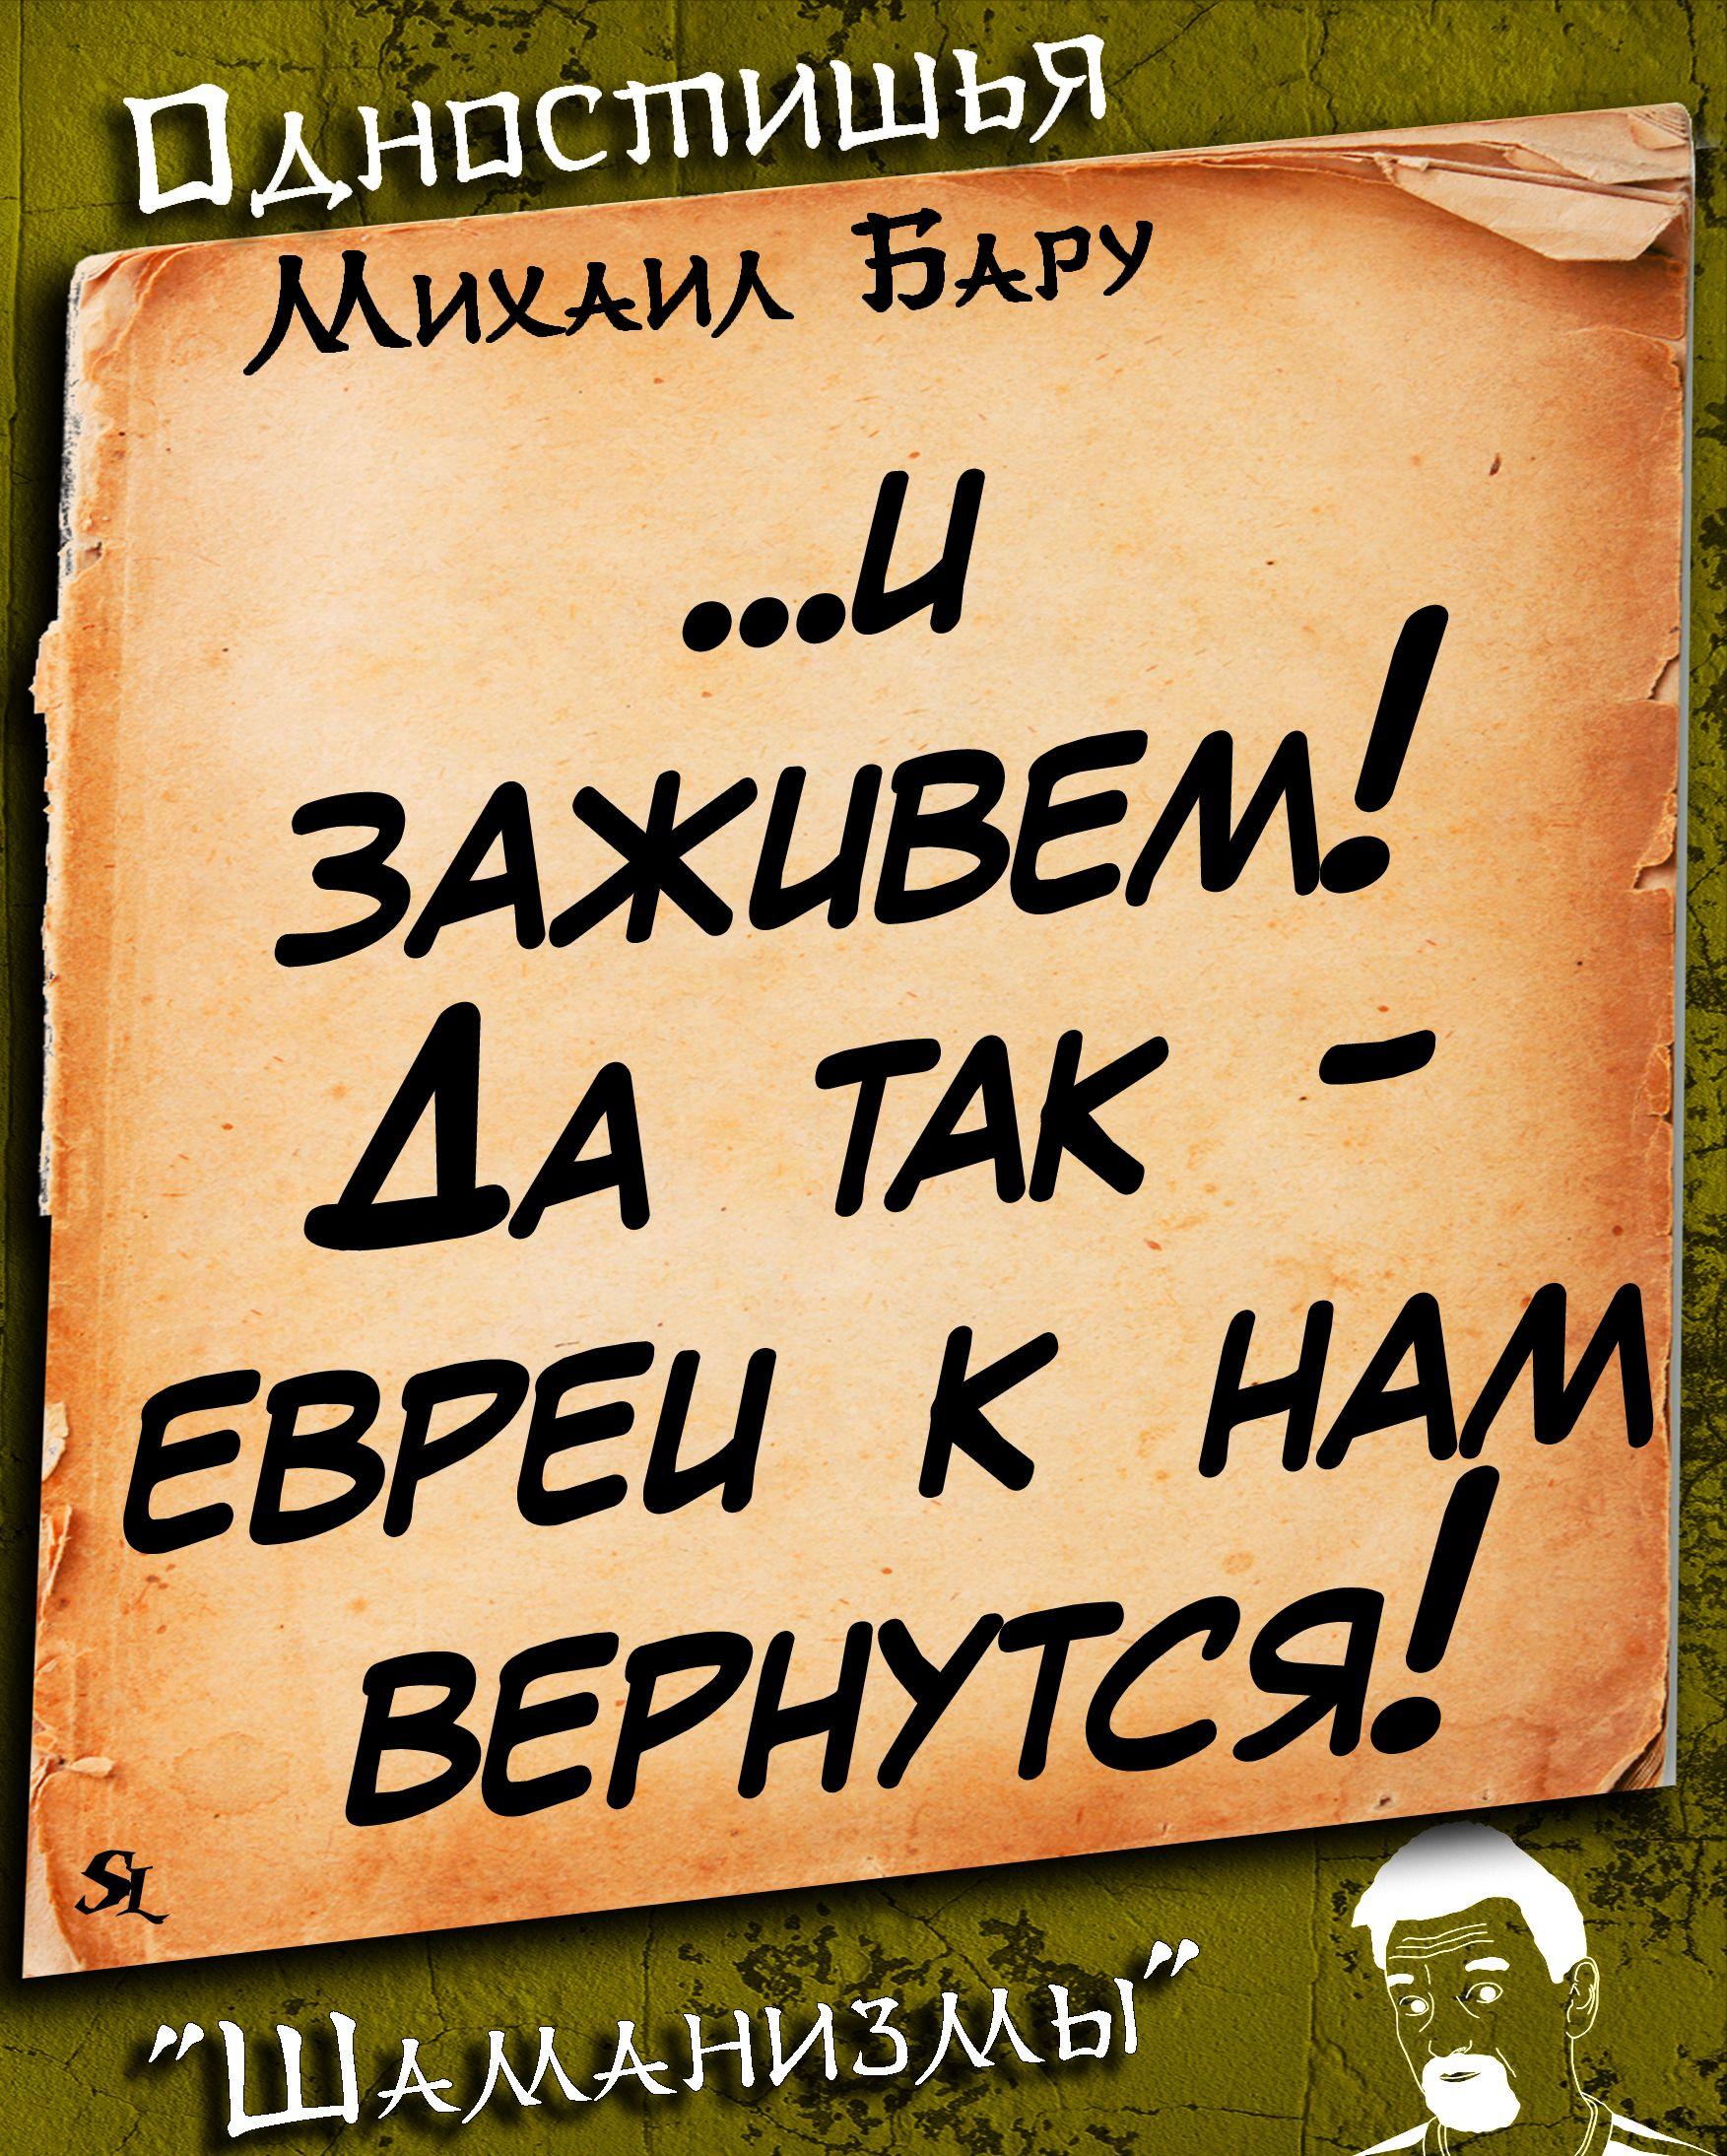 Shamanizmy Shutki Prikol Yumor Memy Odnostishya Jokes Joke Humor Memes Alone Shaman Ledentsov Novelty Sign Novelty